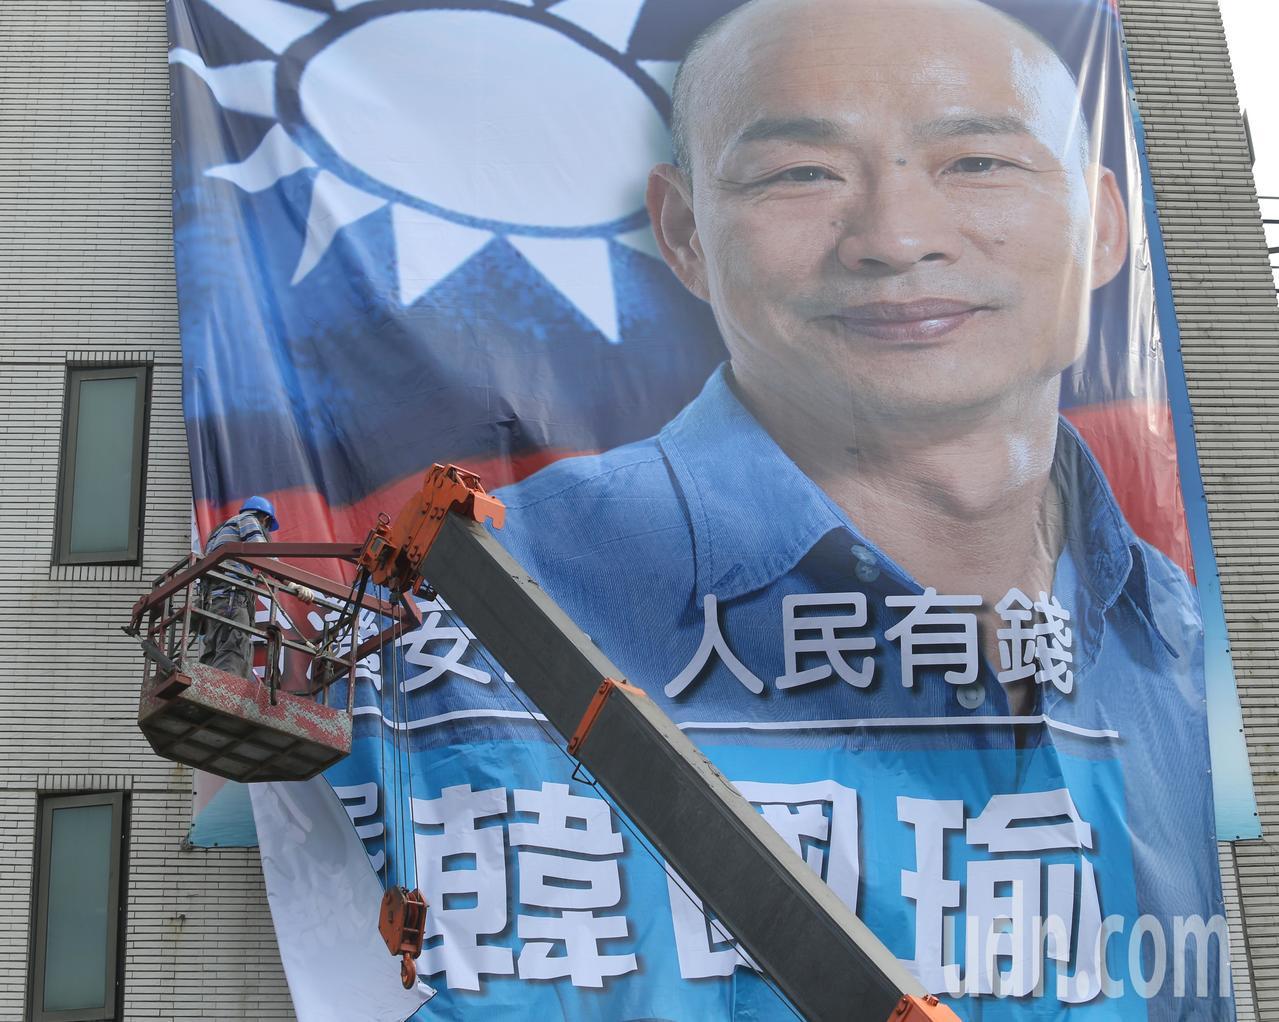 高雄市長韓國瑜確定贏得國民黨總統初選後,有韓粉支持者自掏腰包在高雄左營自由黃昏市...